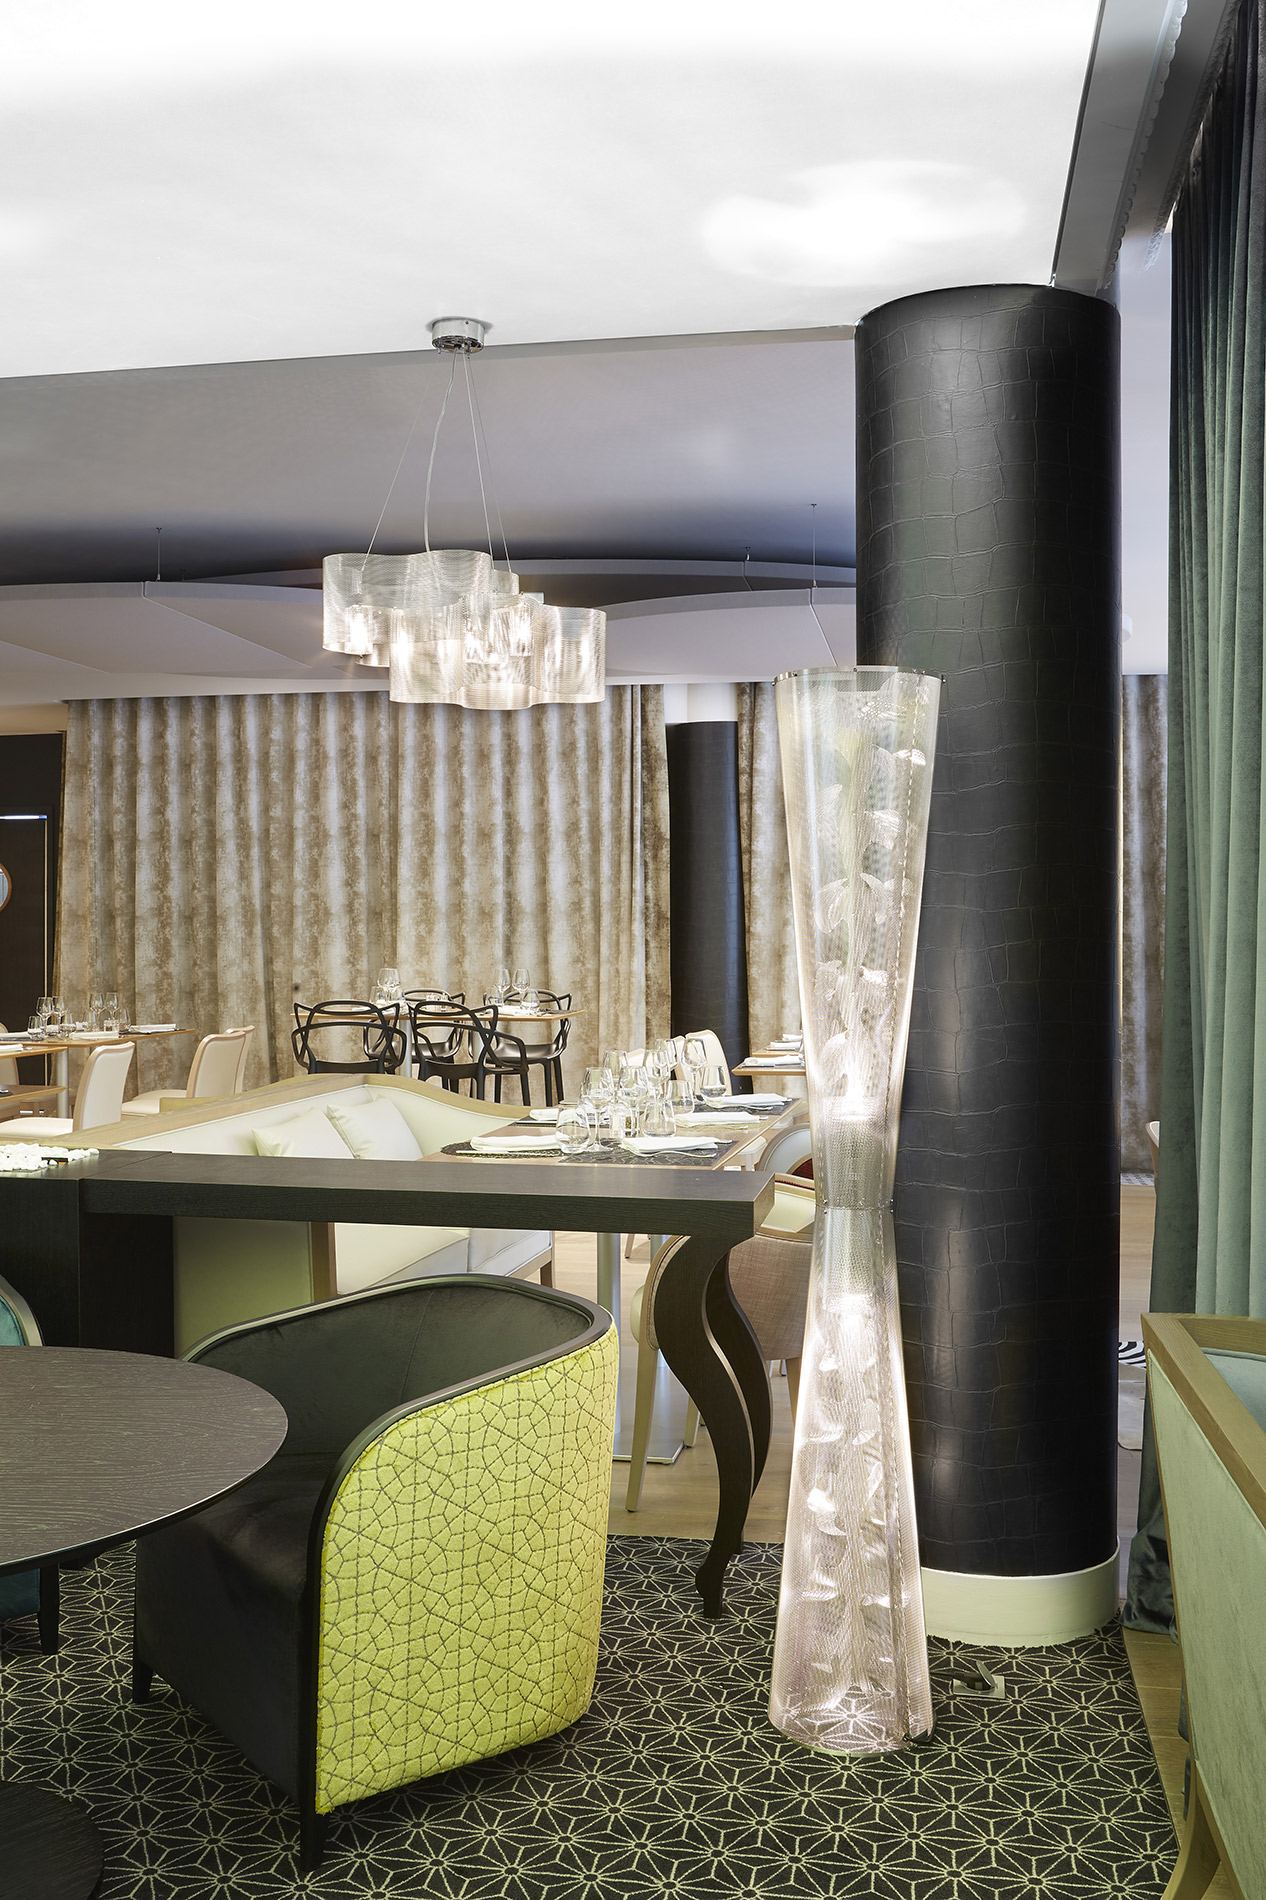 Luminaire colonne de lumière Florale restaurant roissy Thierry Vidé Design